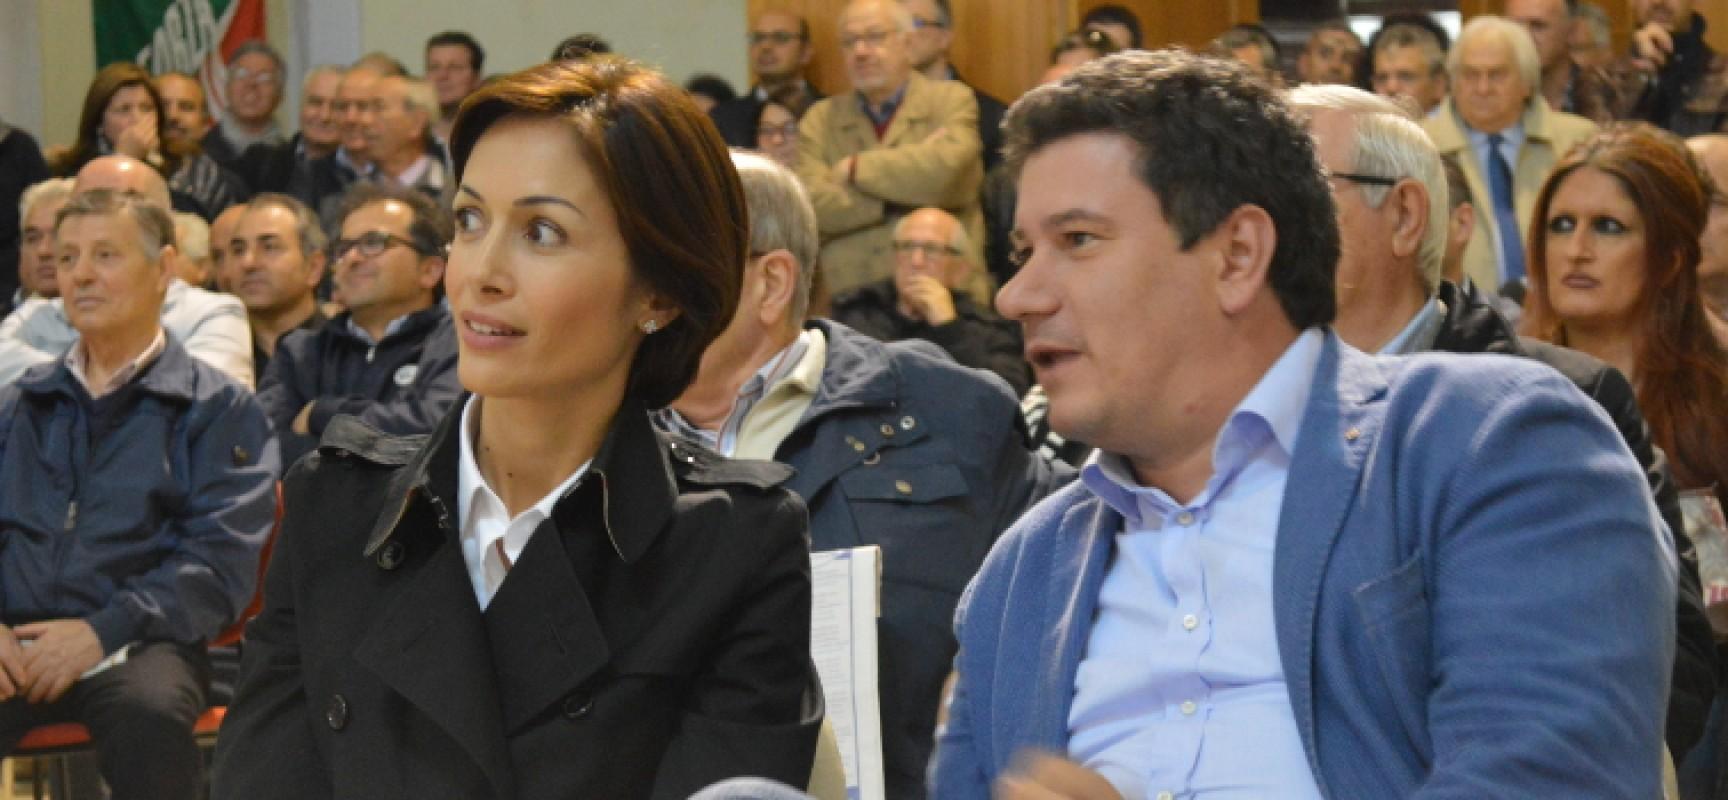 Europee, l'on. Mara Carfagna presenta la candidatura di Sergio Silvestris